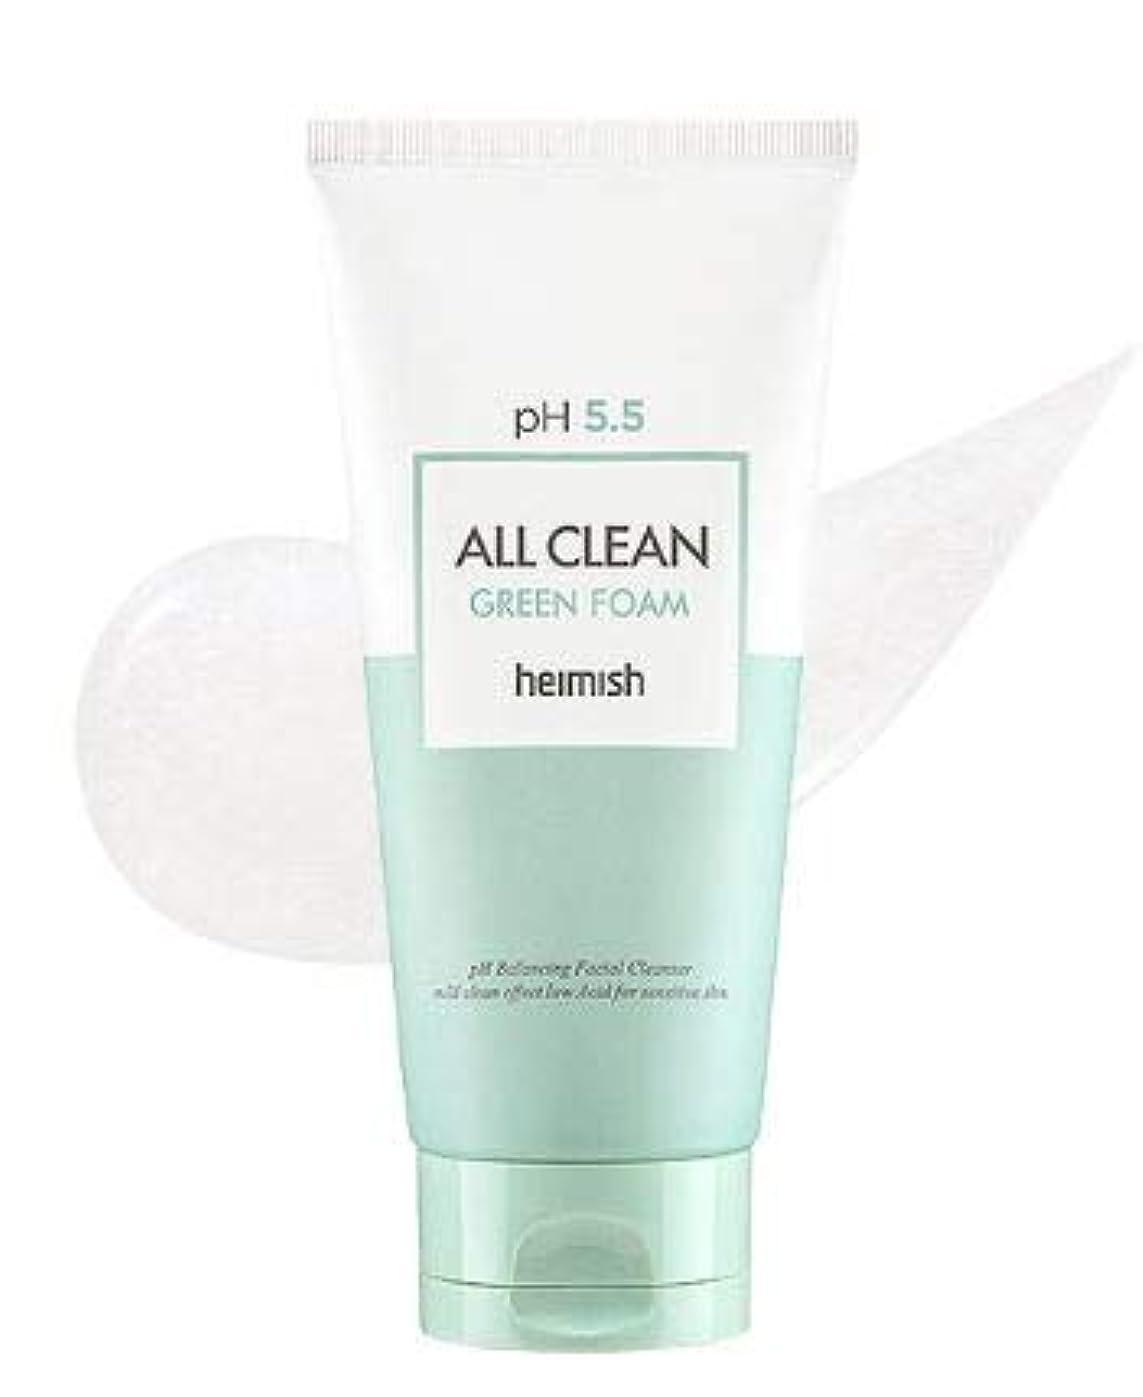 樹木ゲージ受益者[heimish] All Clean Green Foam 150g / [ヘイミッシュ] オールクリーン グリーン フォーム 150g [並行輸入品]